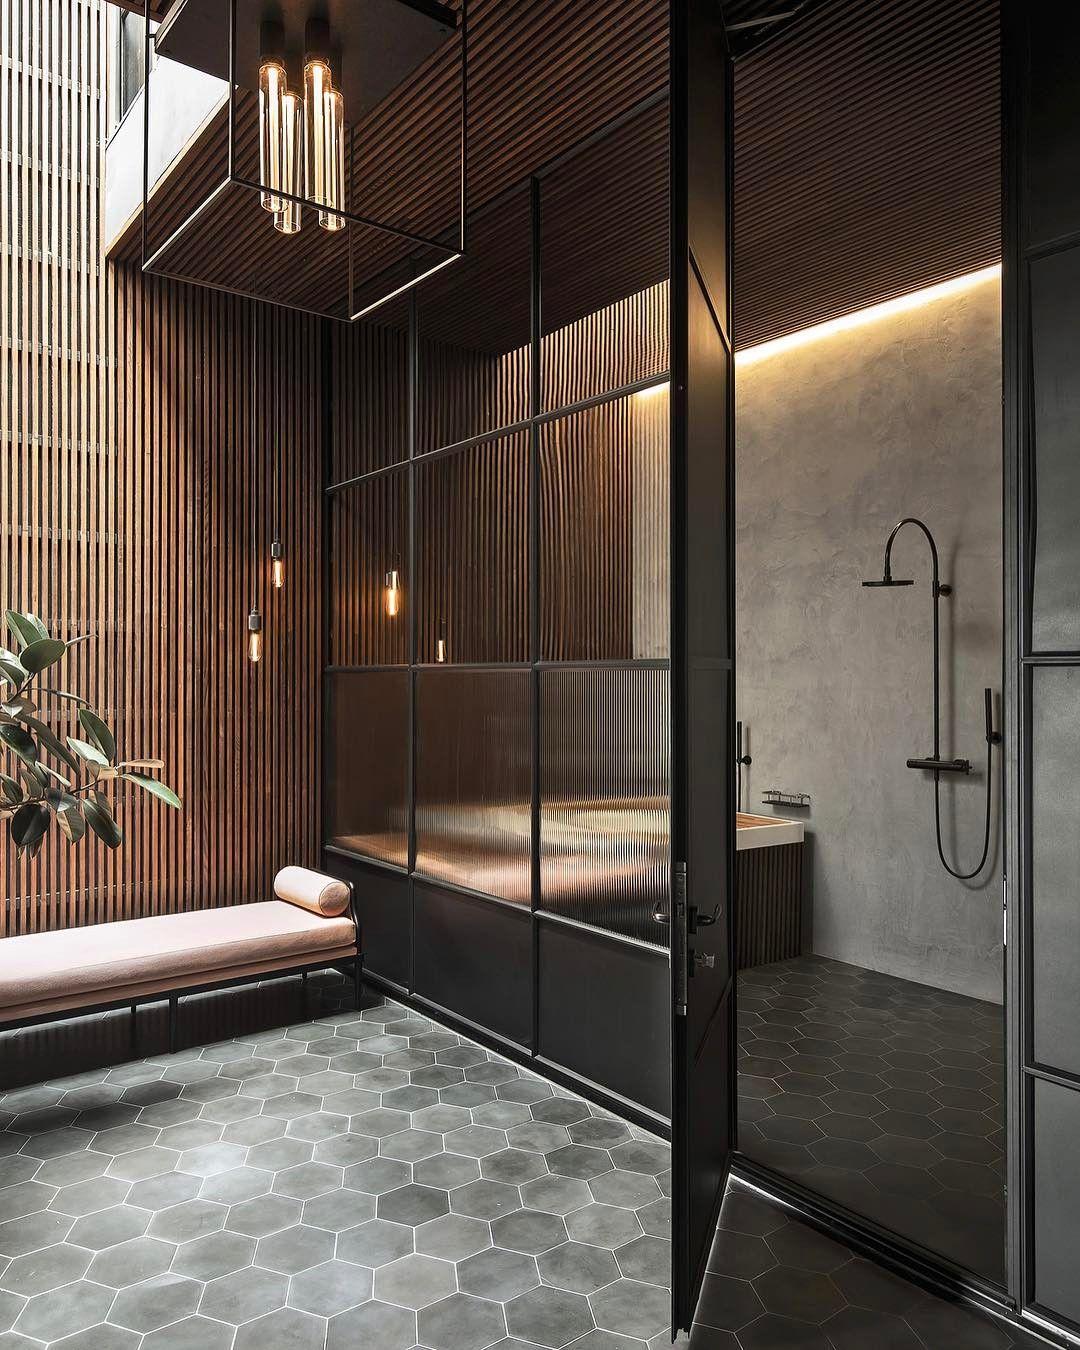 Badezimmer in Schwarz - Luxusgefühl und Stil im zeitgenössischen Bad ...